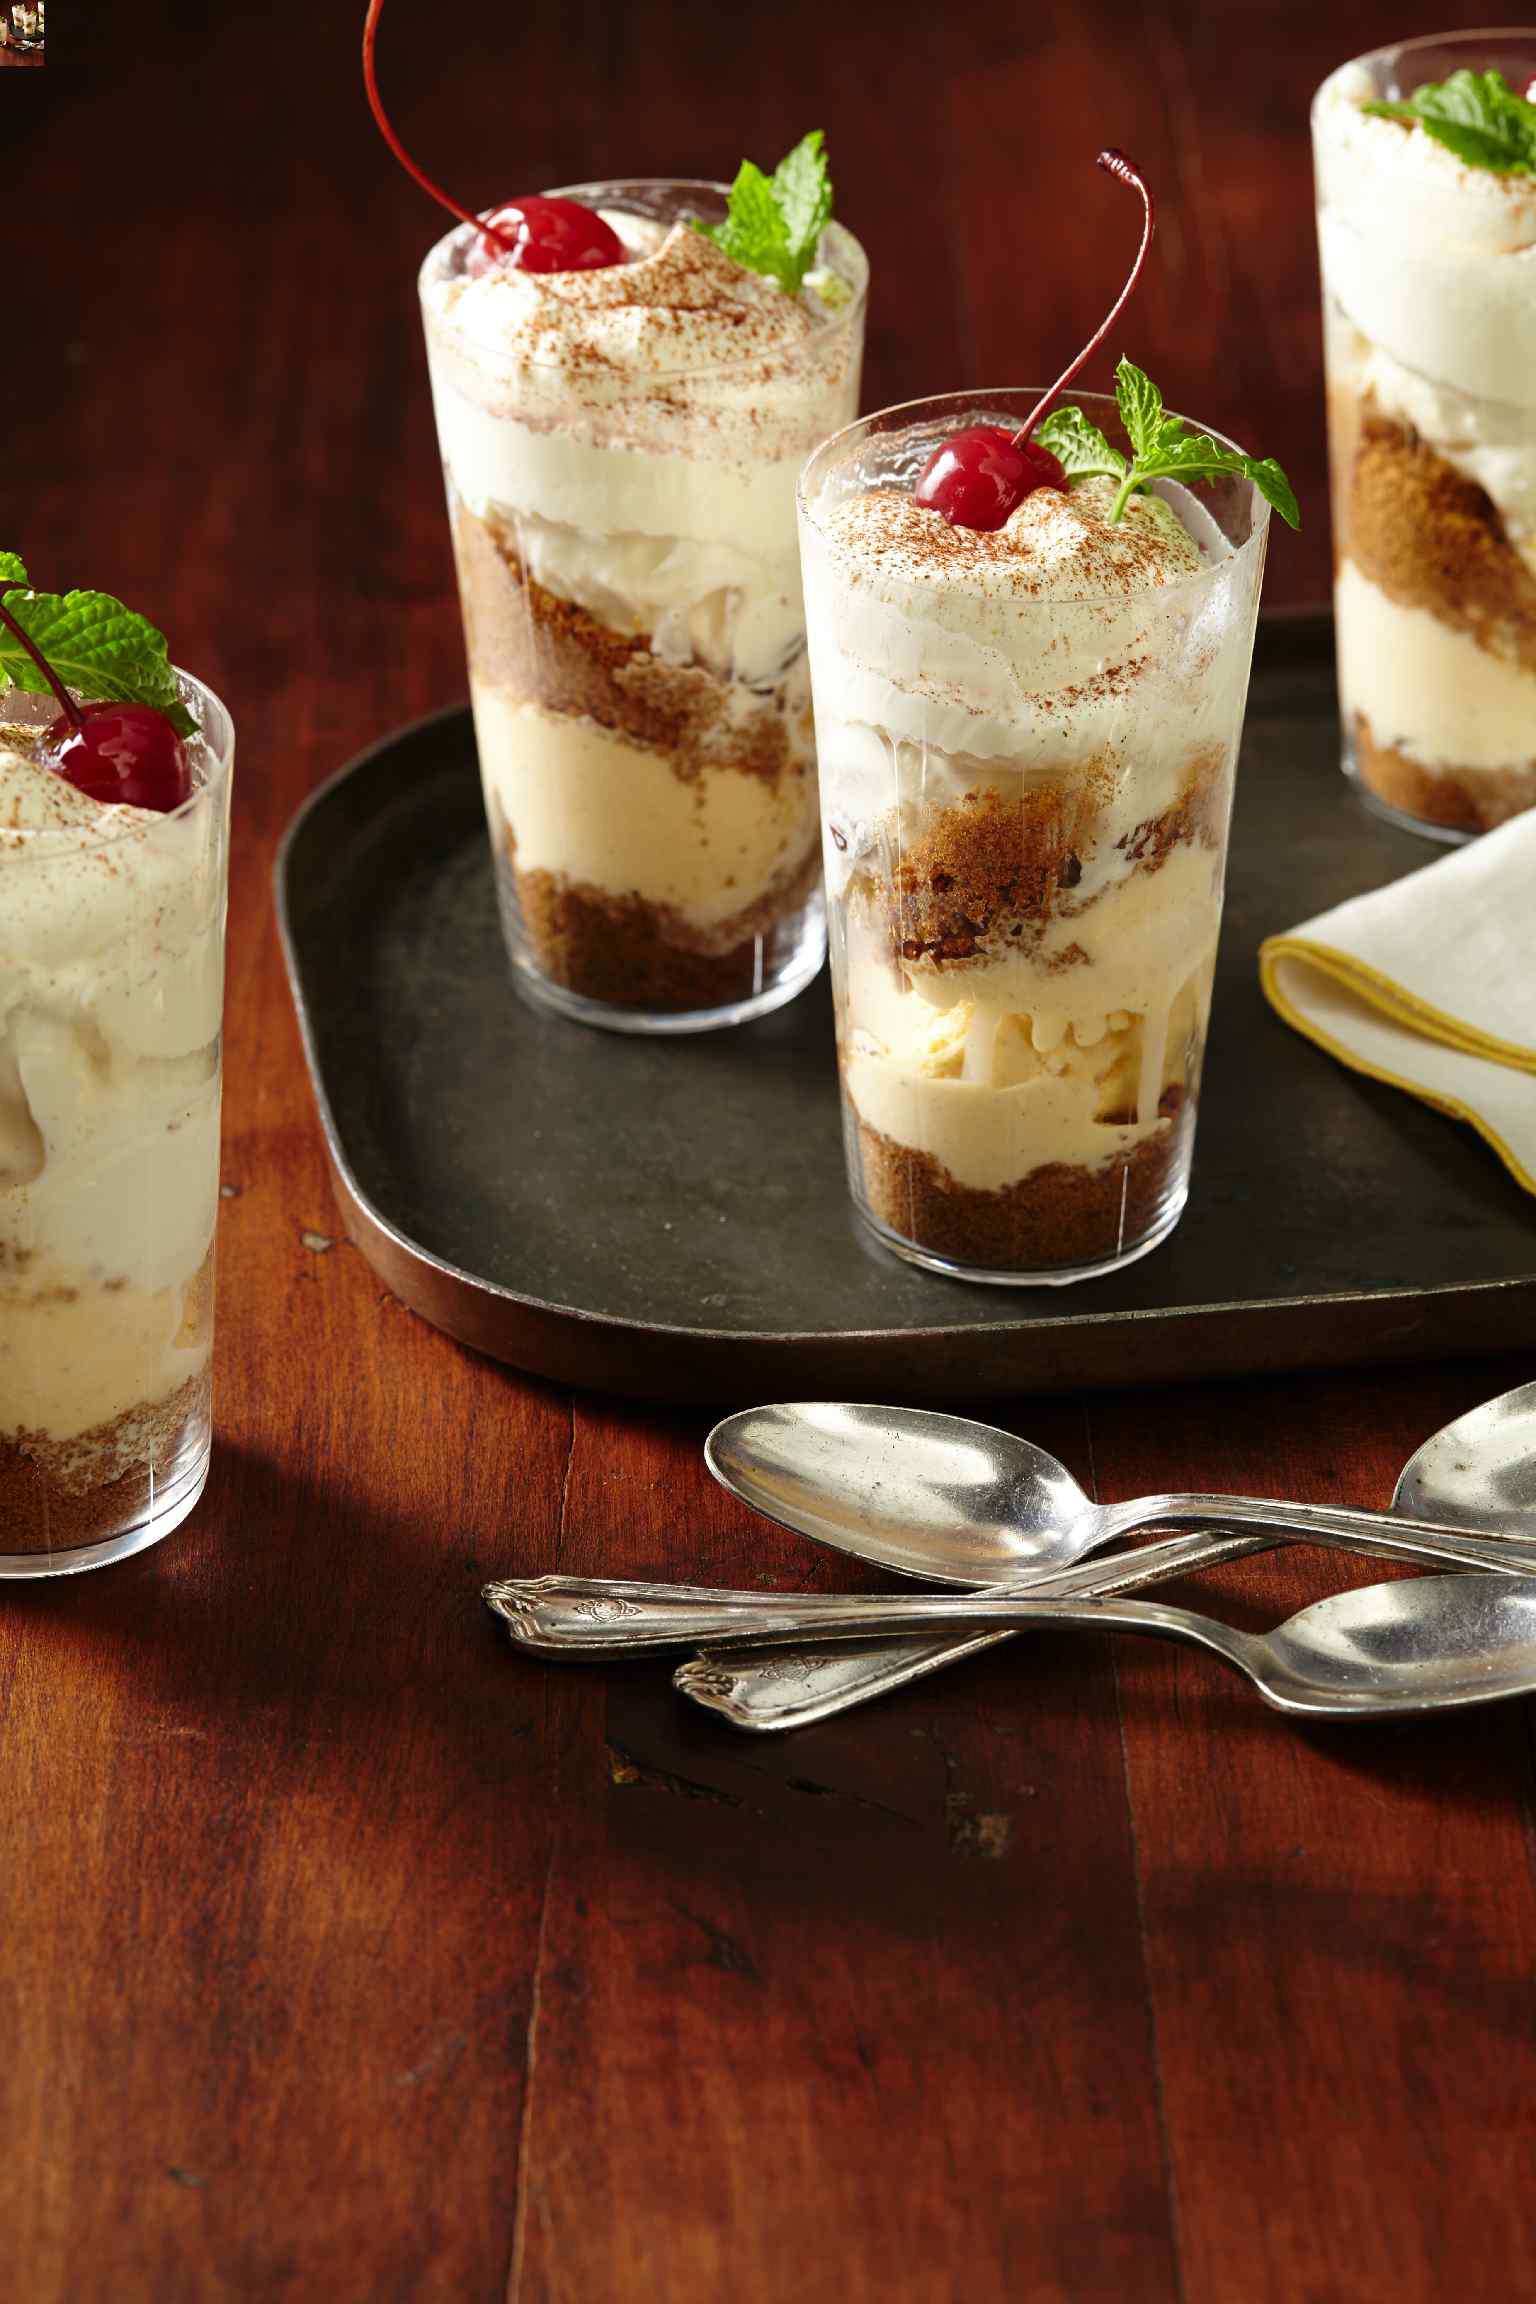 Eggnog Ice Cream Parfaits